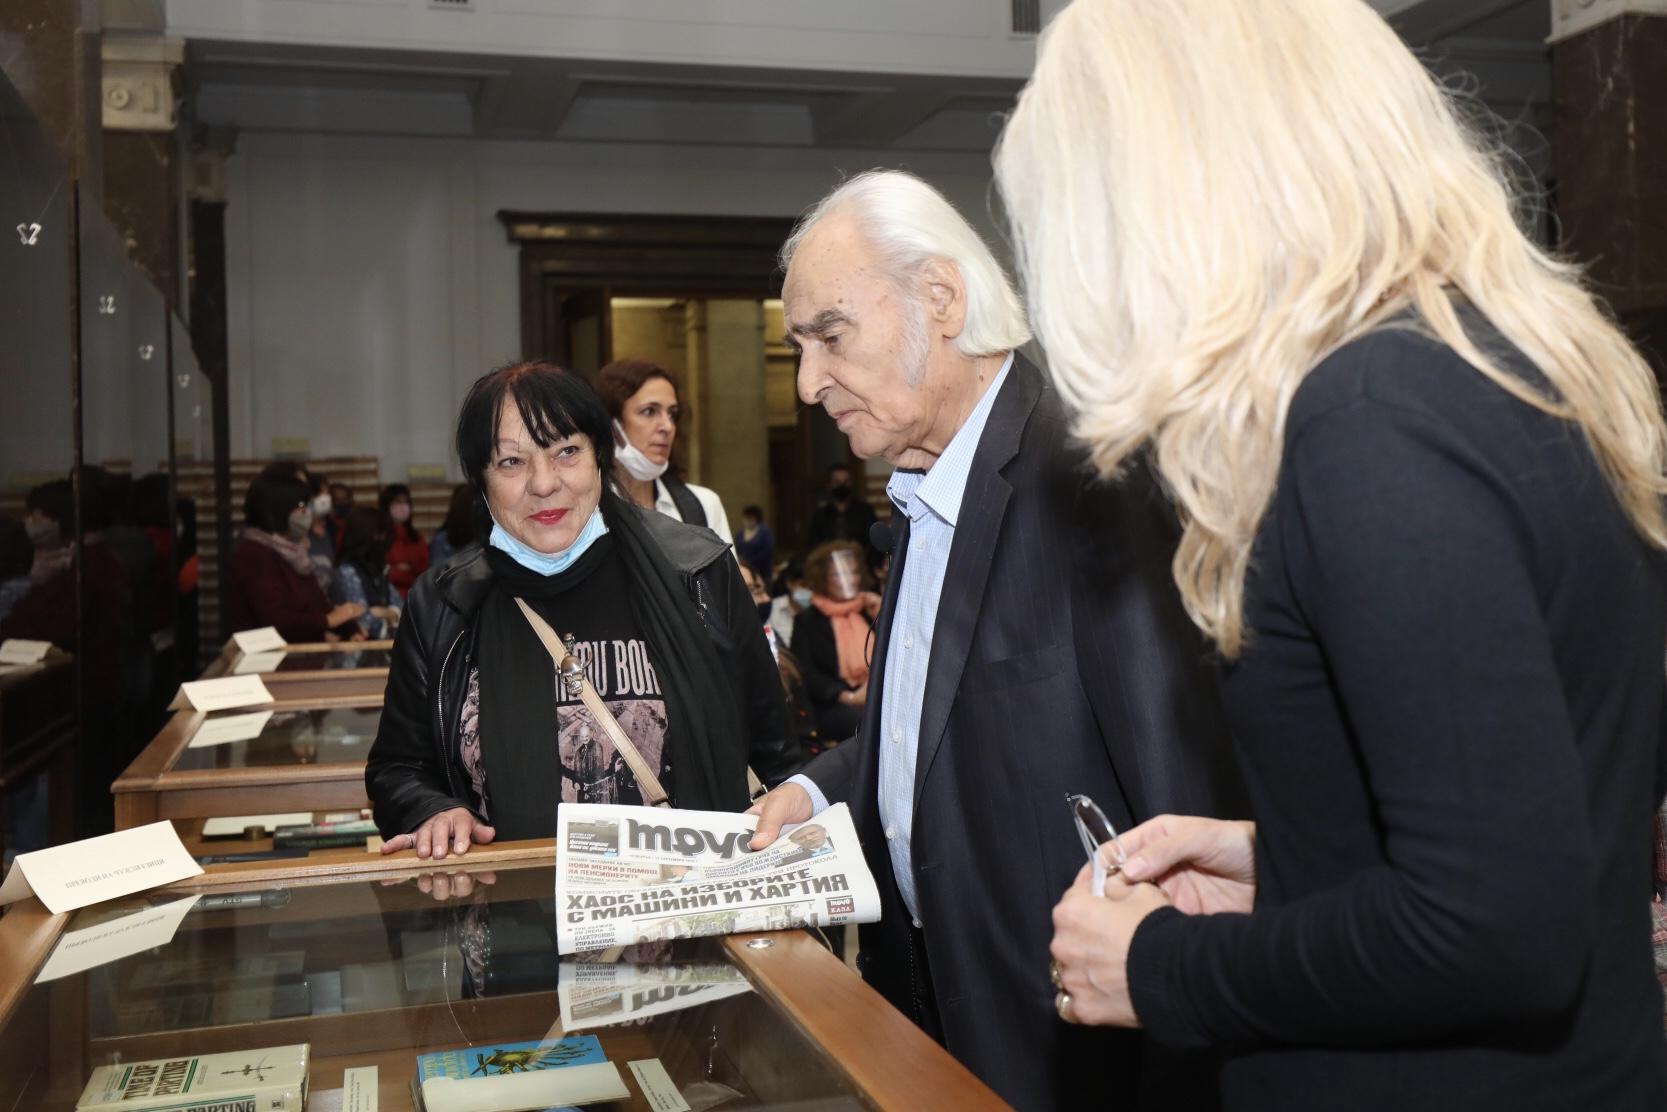 <p>Вицепрезидентът Илияна Йотова откри в Националната библиотека изложба, посветена на 90-ия юбилей на Антон Дончев. Акценти в експозицията са първото издание на &quot;Време разделно&quot; от 1964 г., ръкописът на романа и негови преводи.</p>